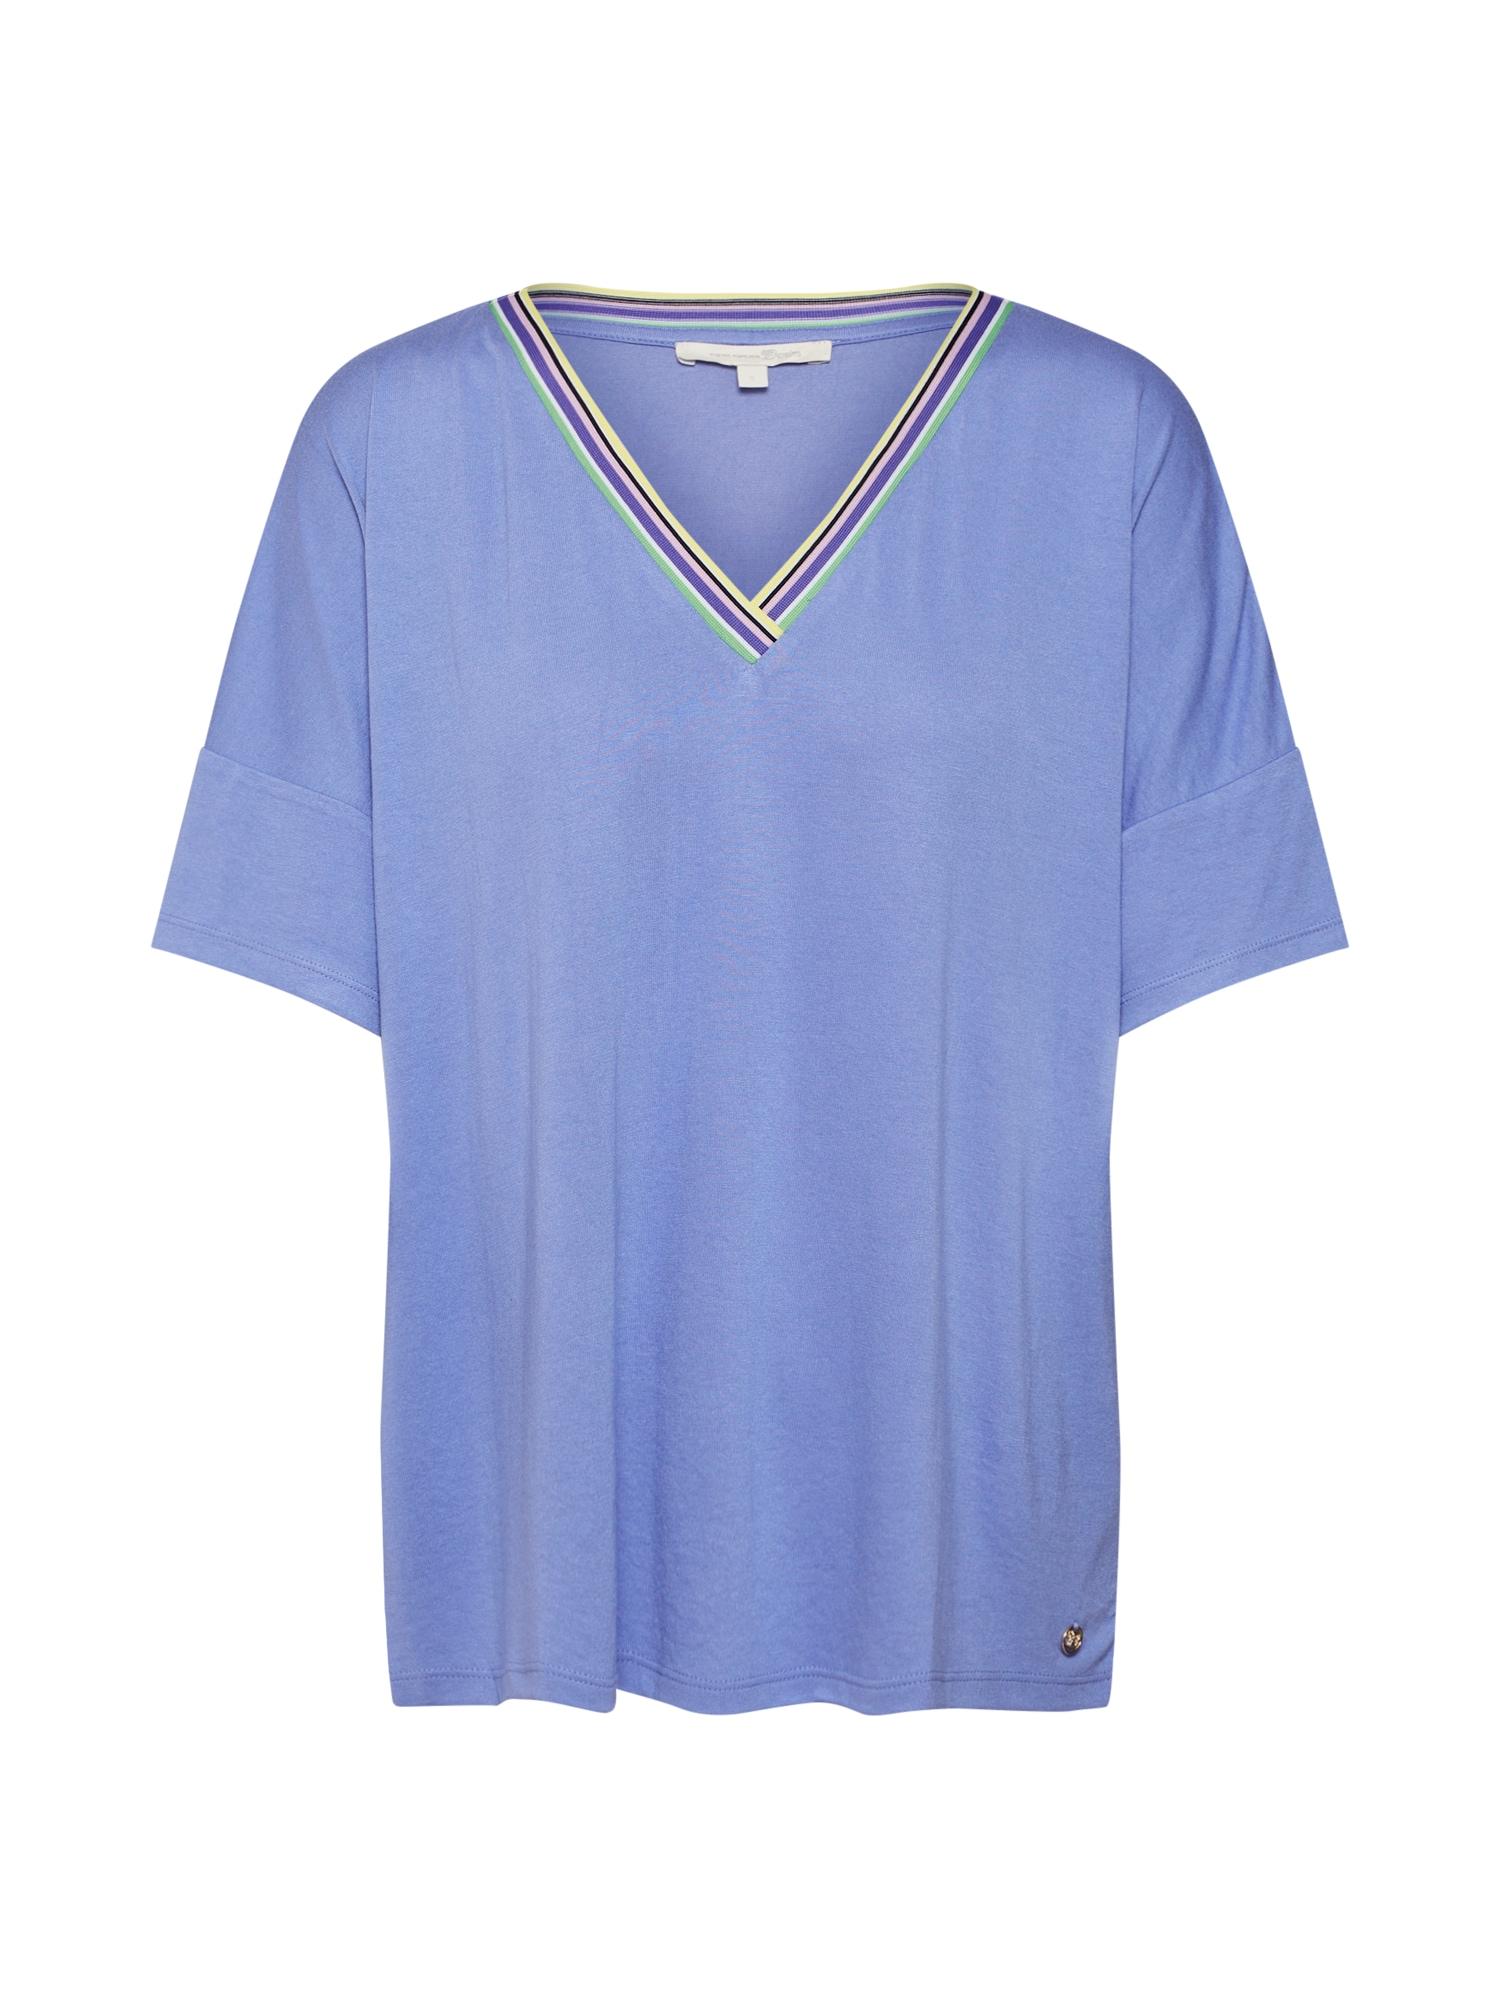 Oversized tričko královská modrá TOM TAILOR DENIM